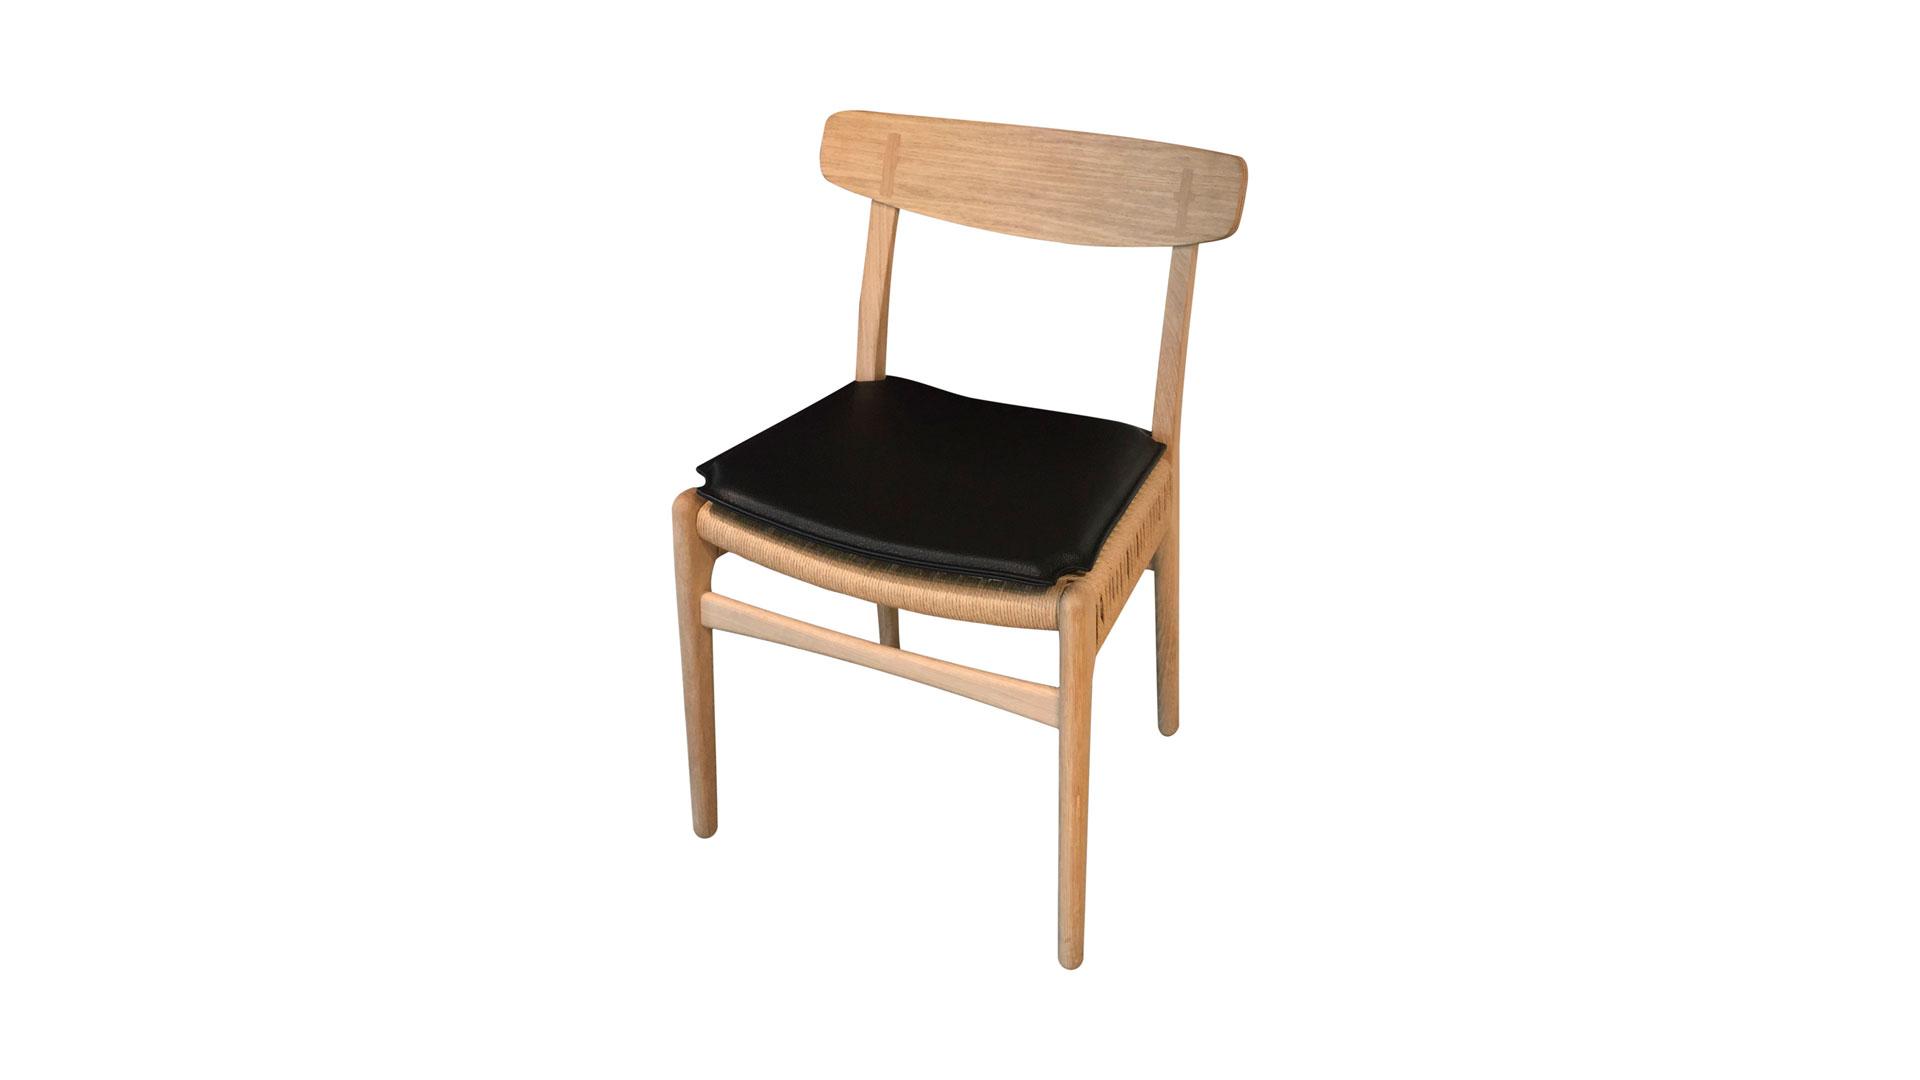 Imágenes de mobiliario de la marca Carl Hansen Son